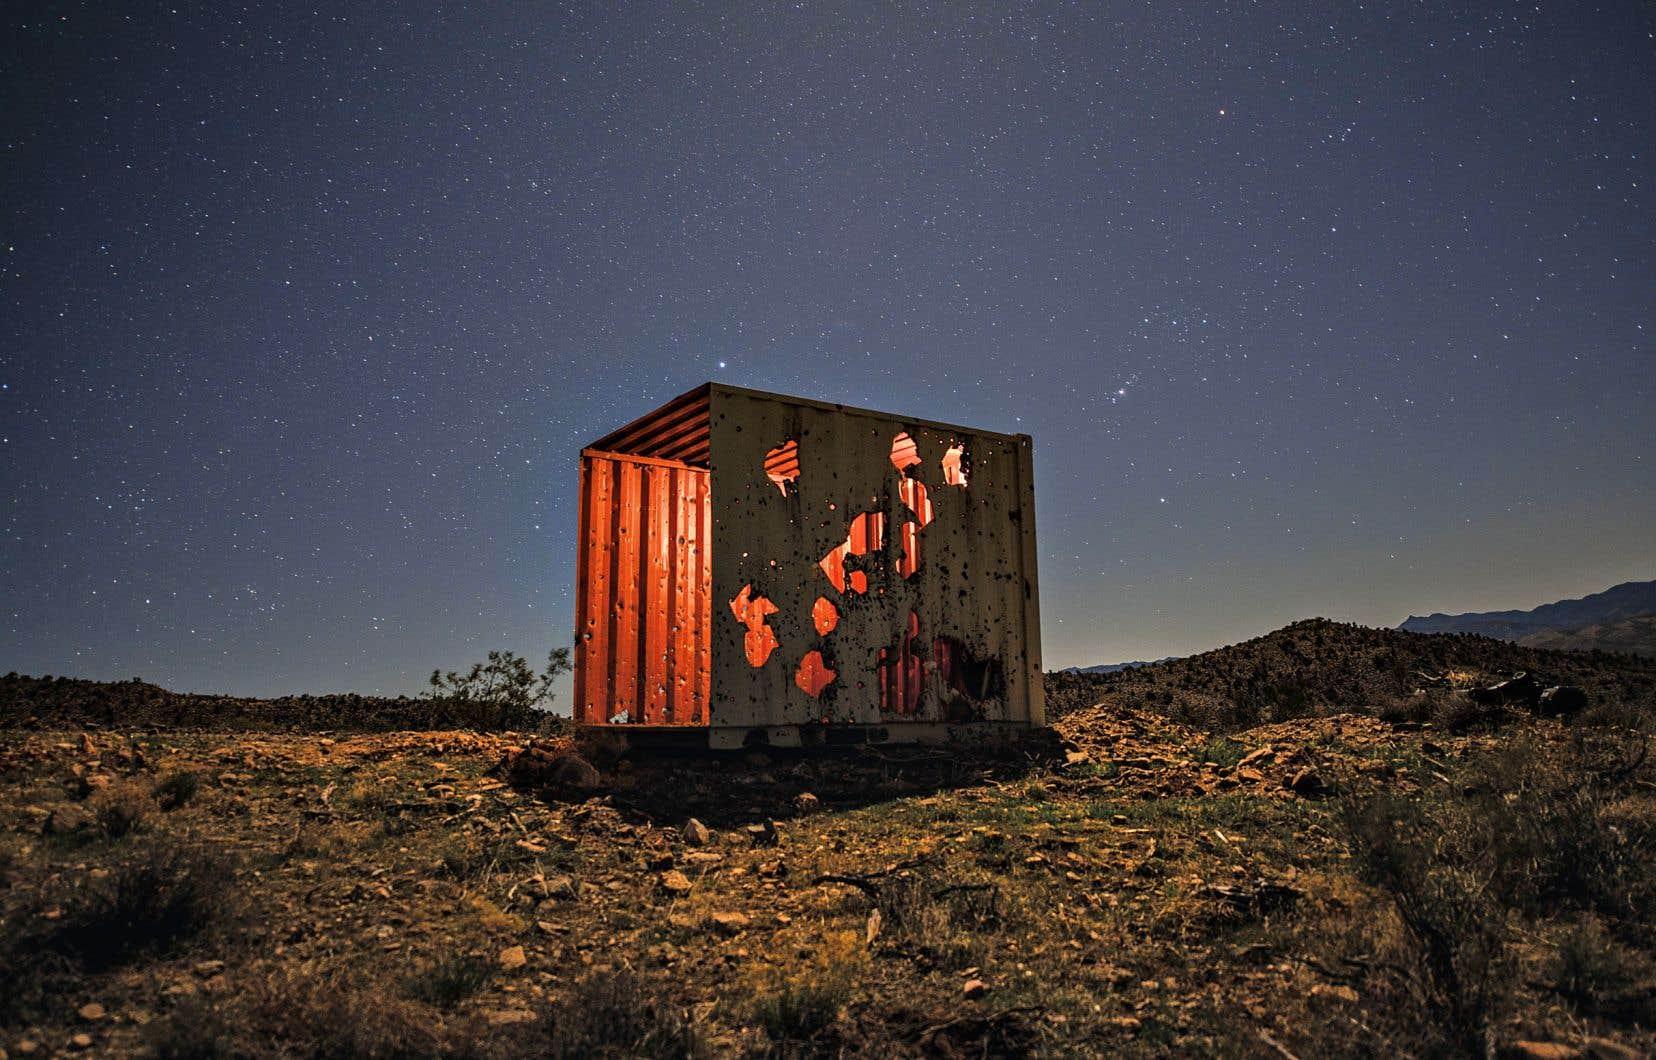 Jean-François Bouchard a passé de longs moments dans le désert de l'Arizona, avec la communauté qu'il a photographiée.